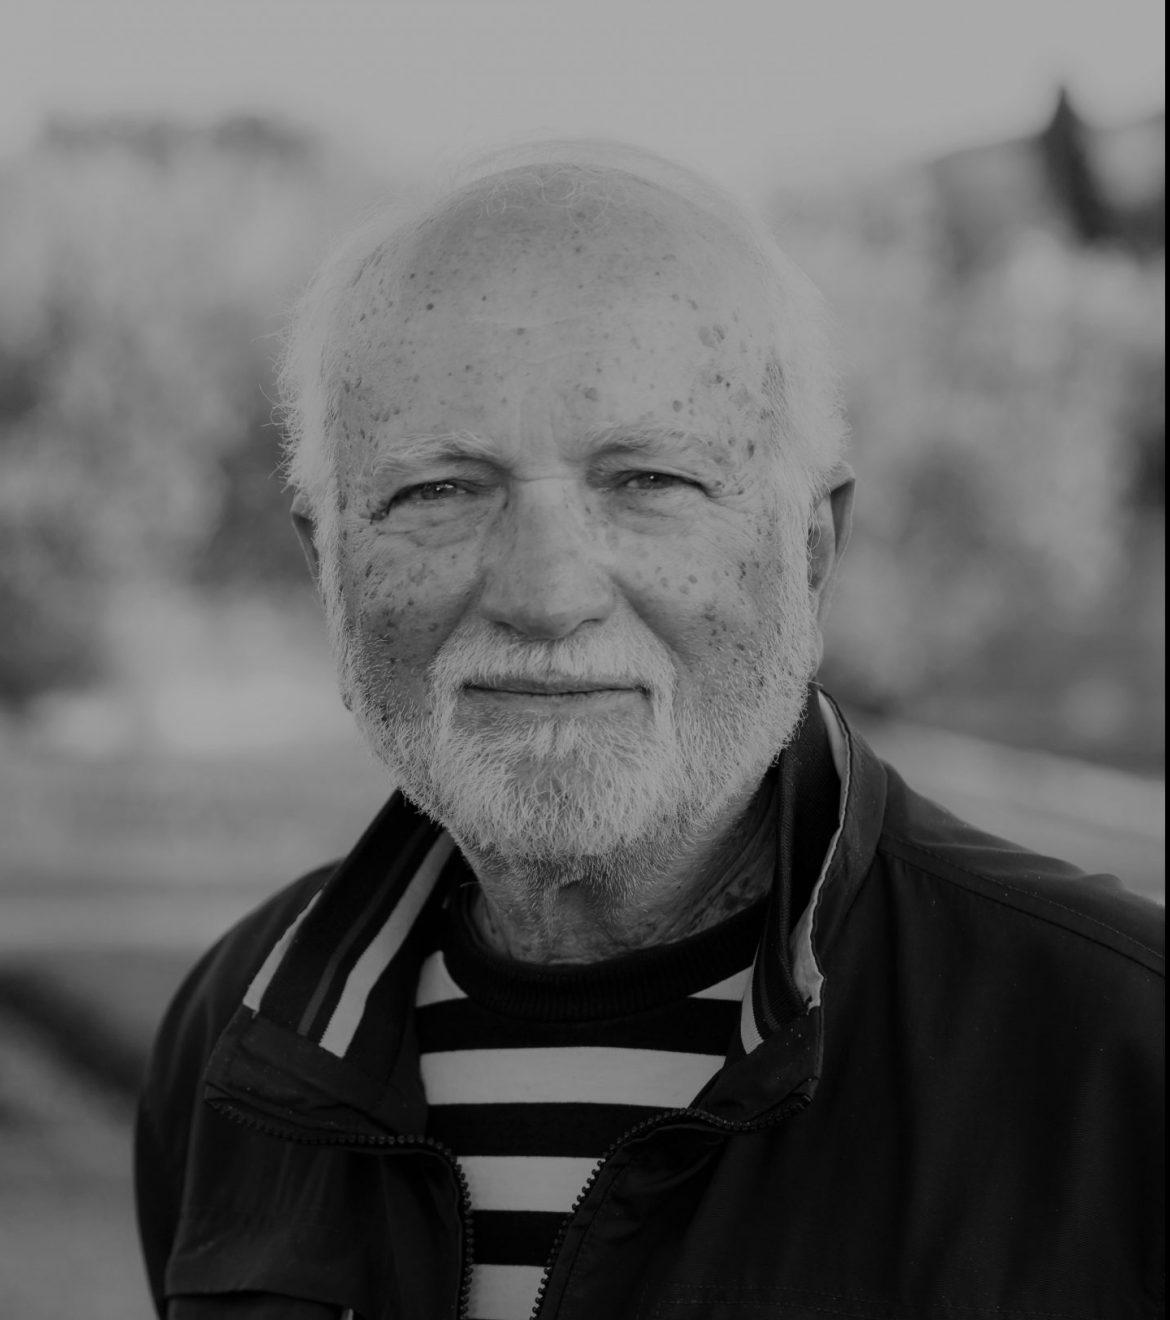 IN MEMORIAM NIKOLI JURIĆU Koordinacije Udruga za očuvanje i revitalizaciju pomorske, ribarske i brodograđevne baštine Kvarnera i Istre